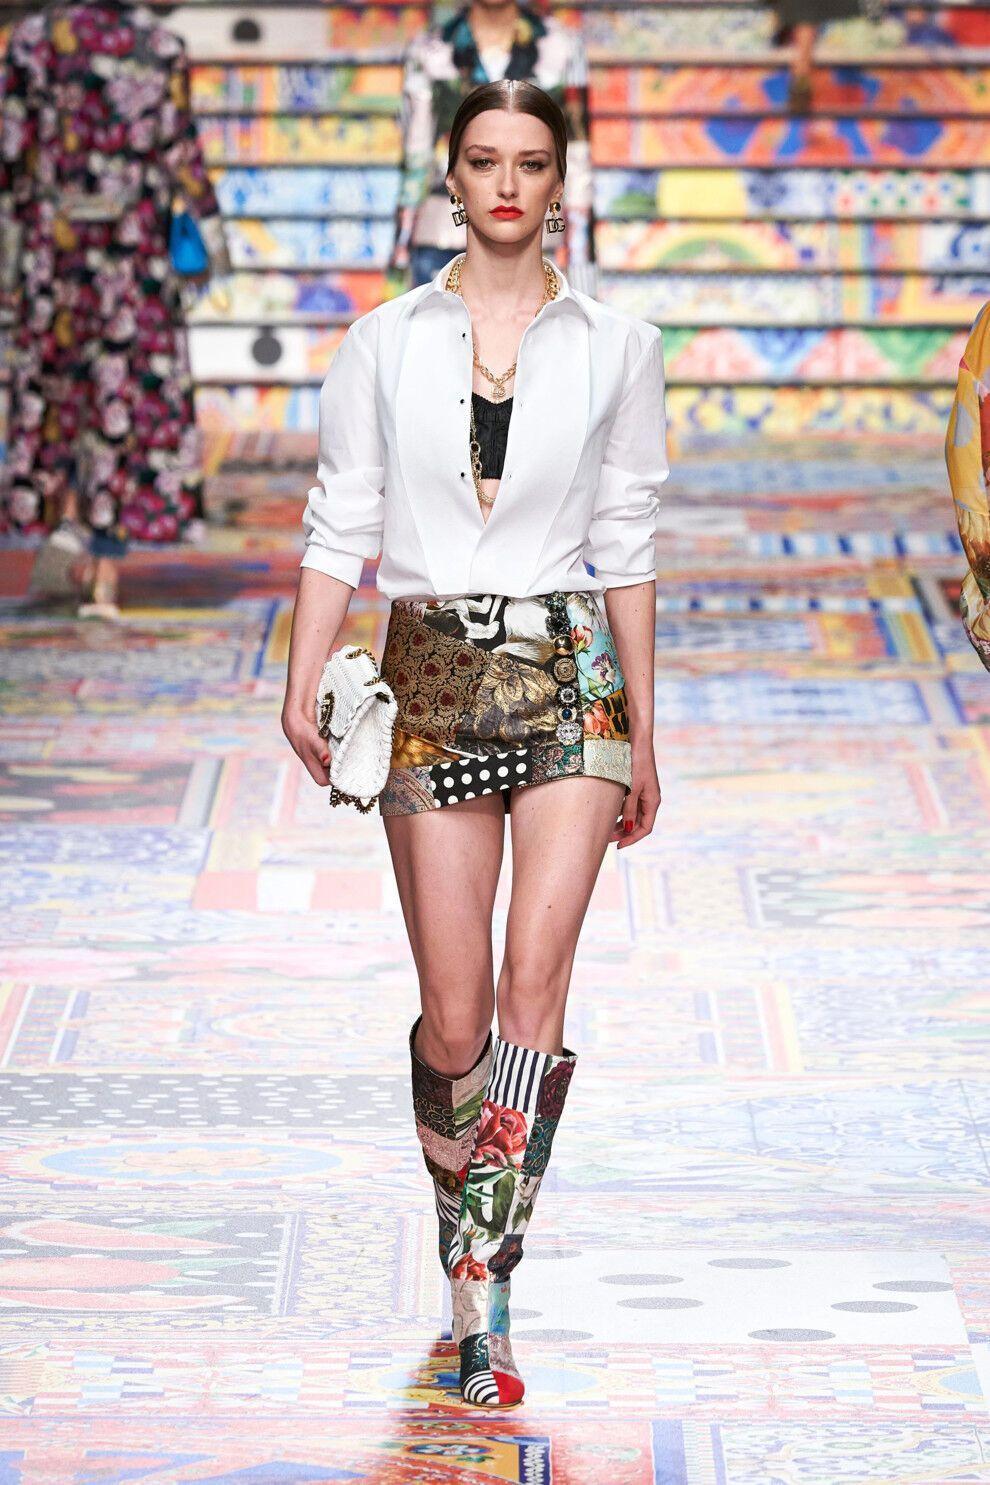 Если вы хотите более красочные модели, то обратите внимание на коллекции Dolce&Gabbana